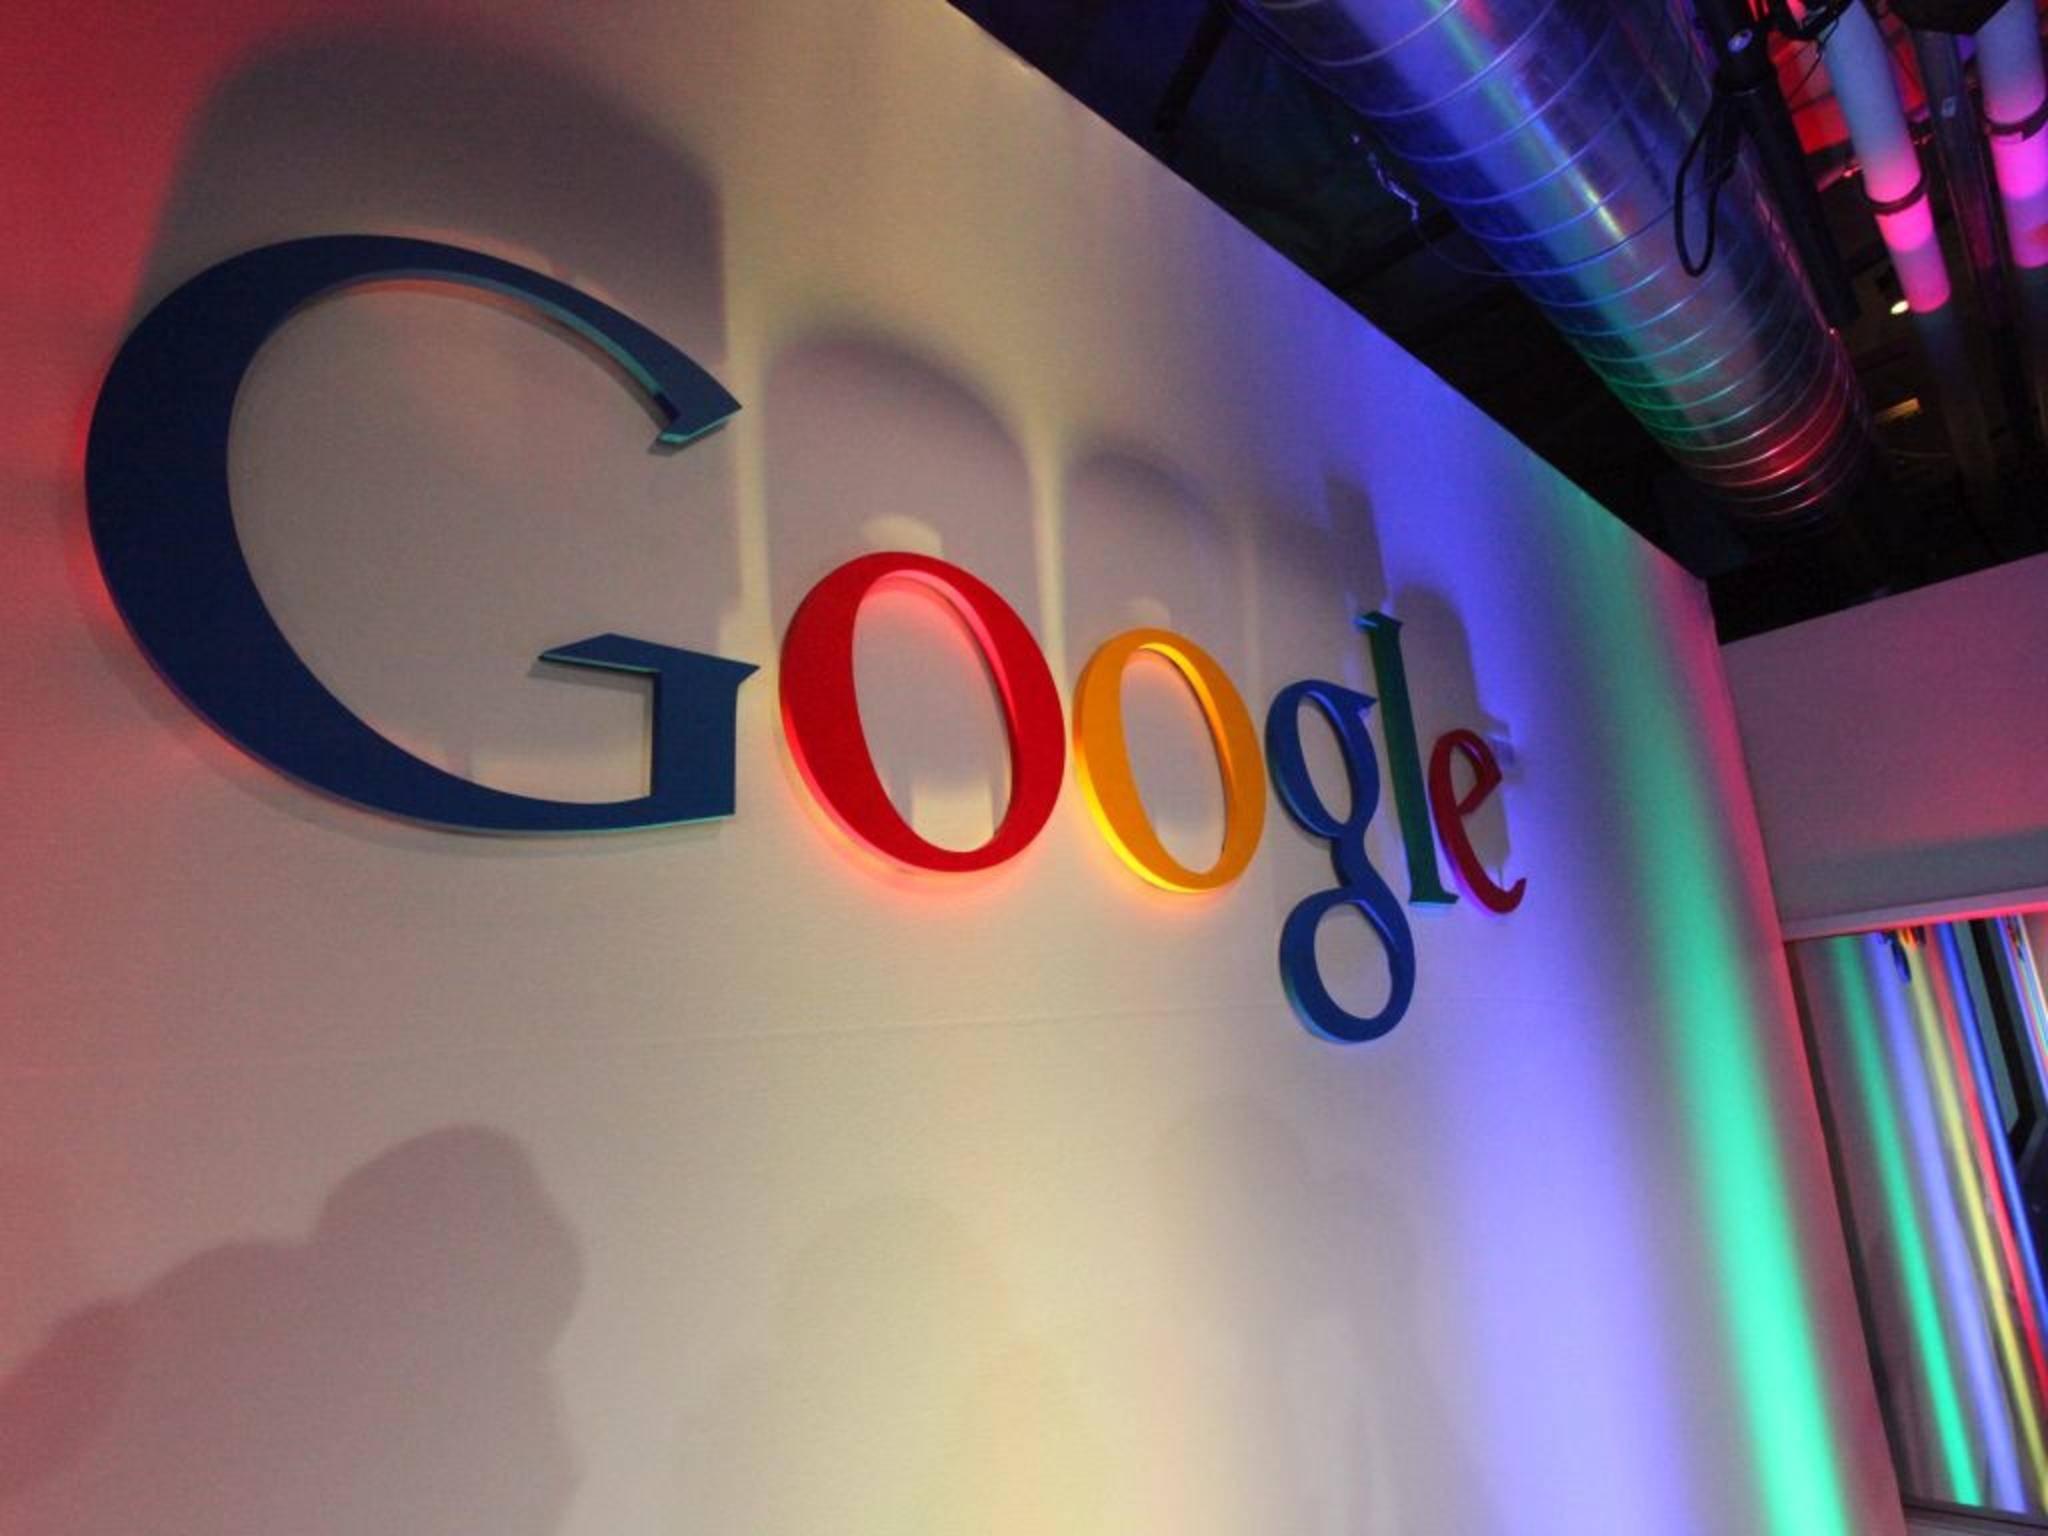 Du musst nicht unbedingt Google verwenden, um etwas im Netz zu suchen.